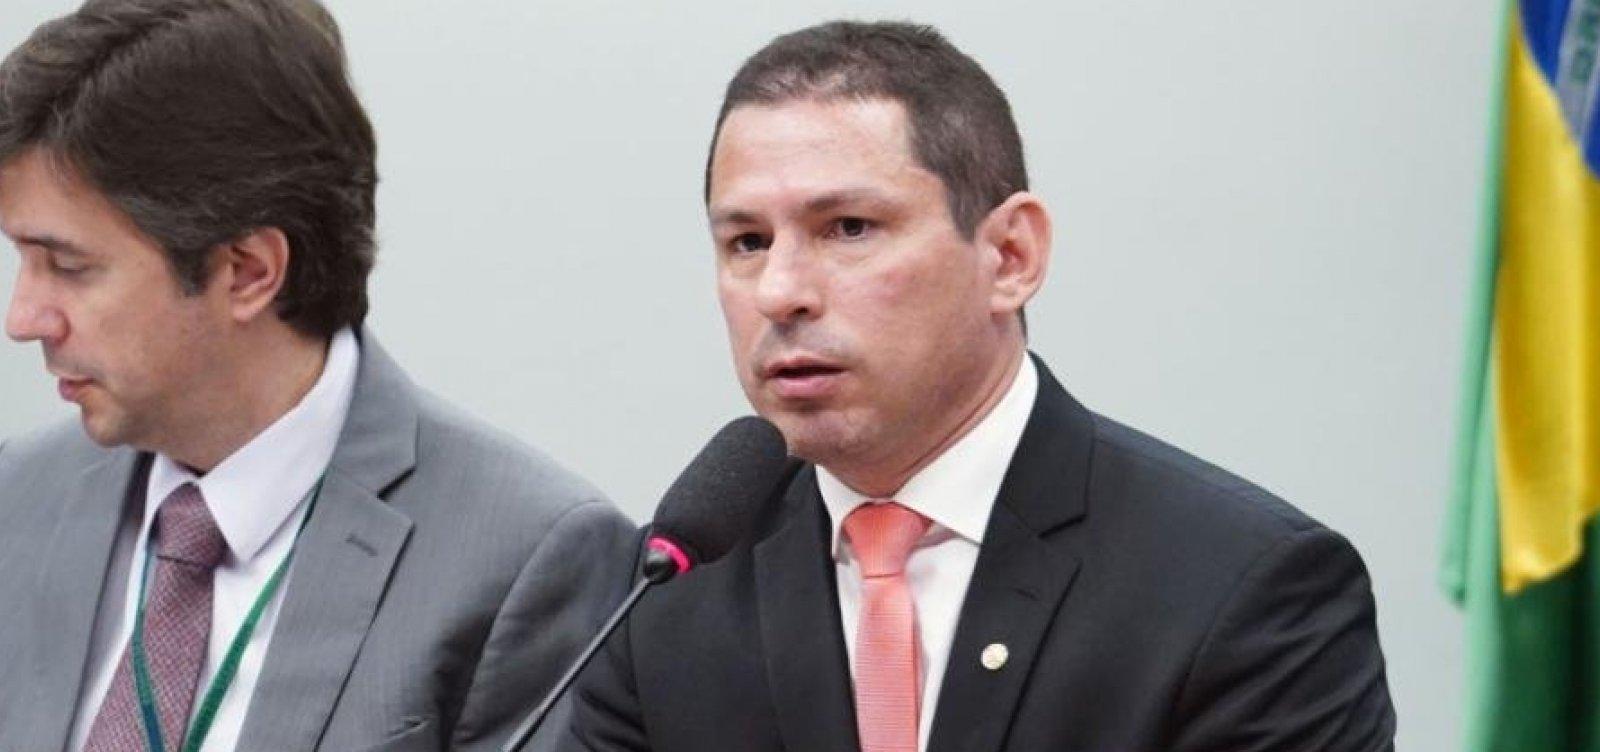 'Se Bolsonaro falar menos sobre a reforma até ela ser aprovada, vai ajudar bastante' diz Ramos